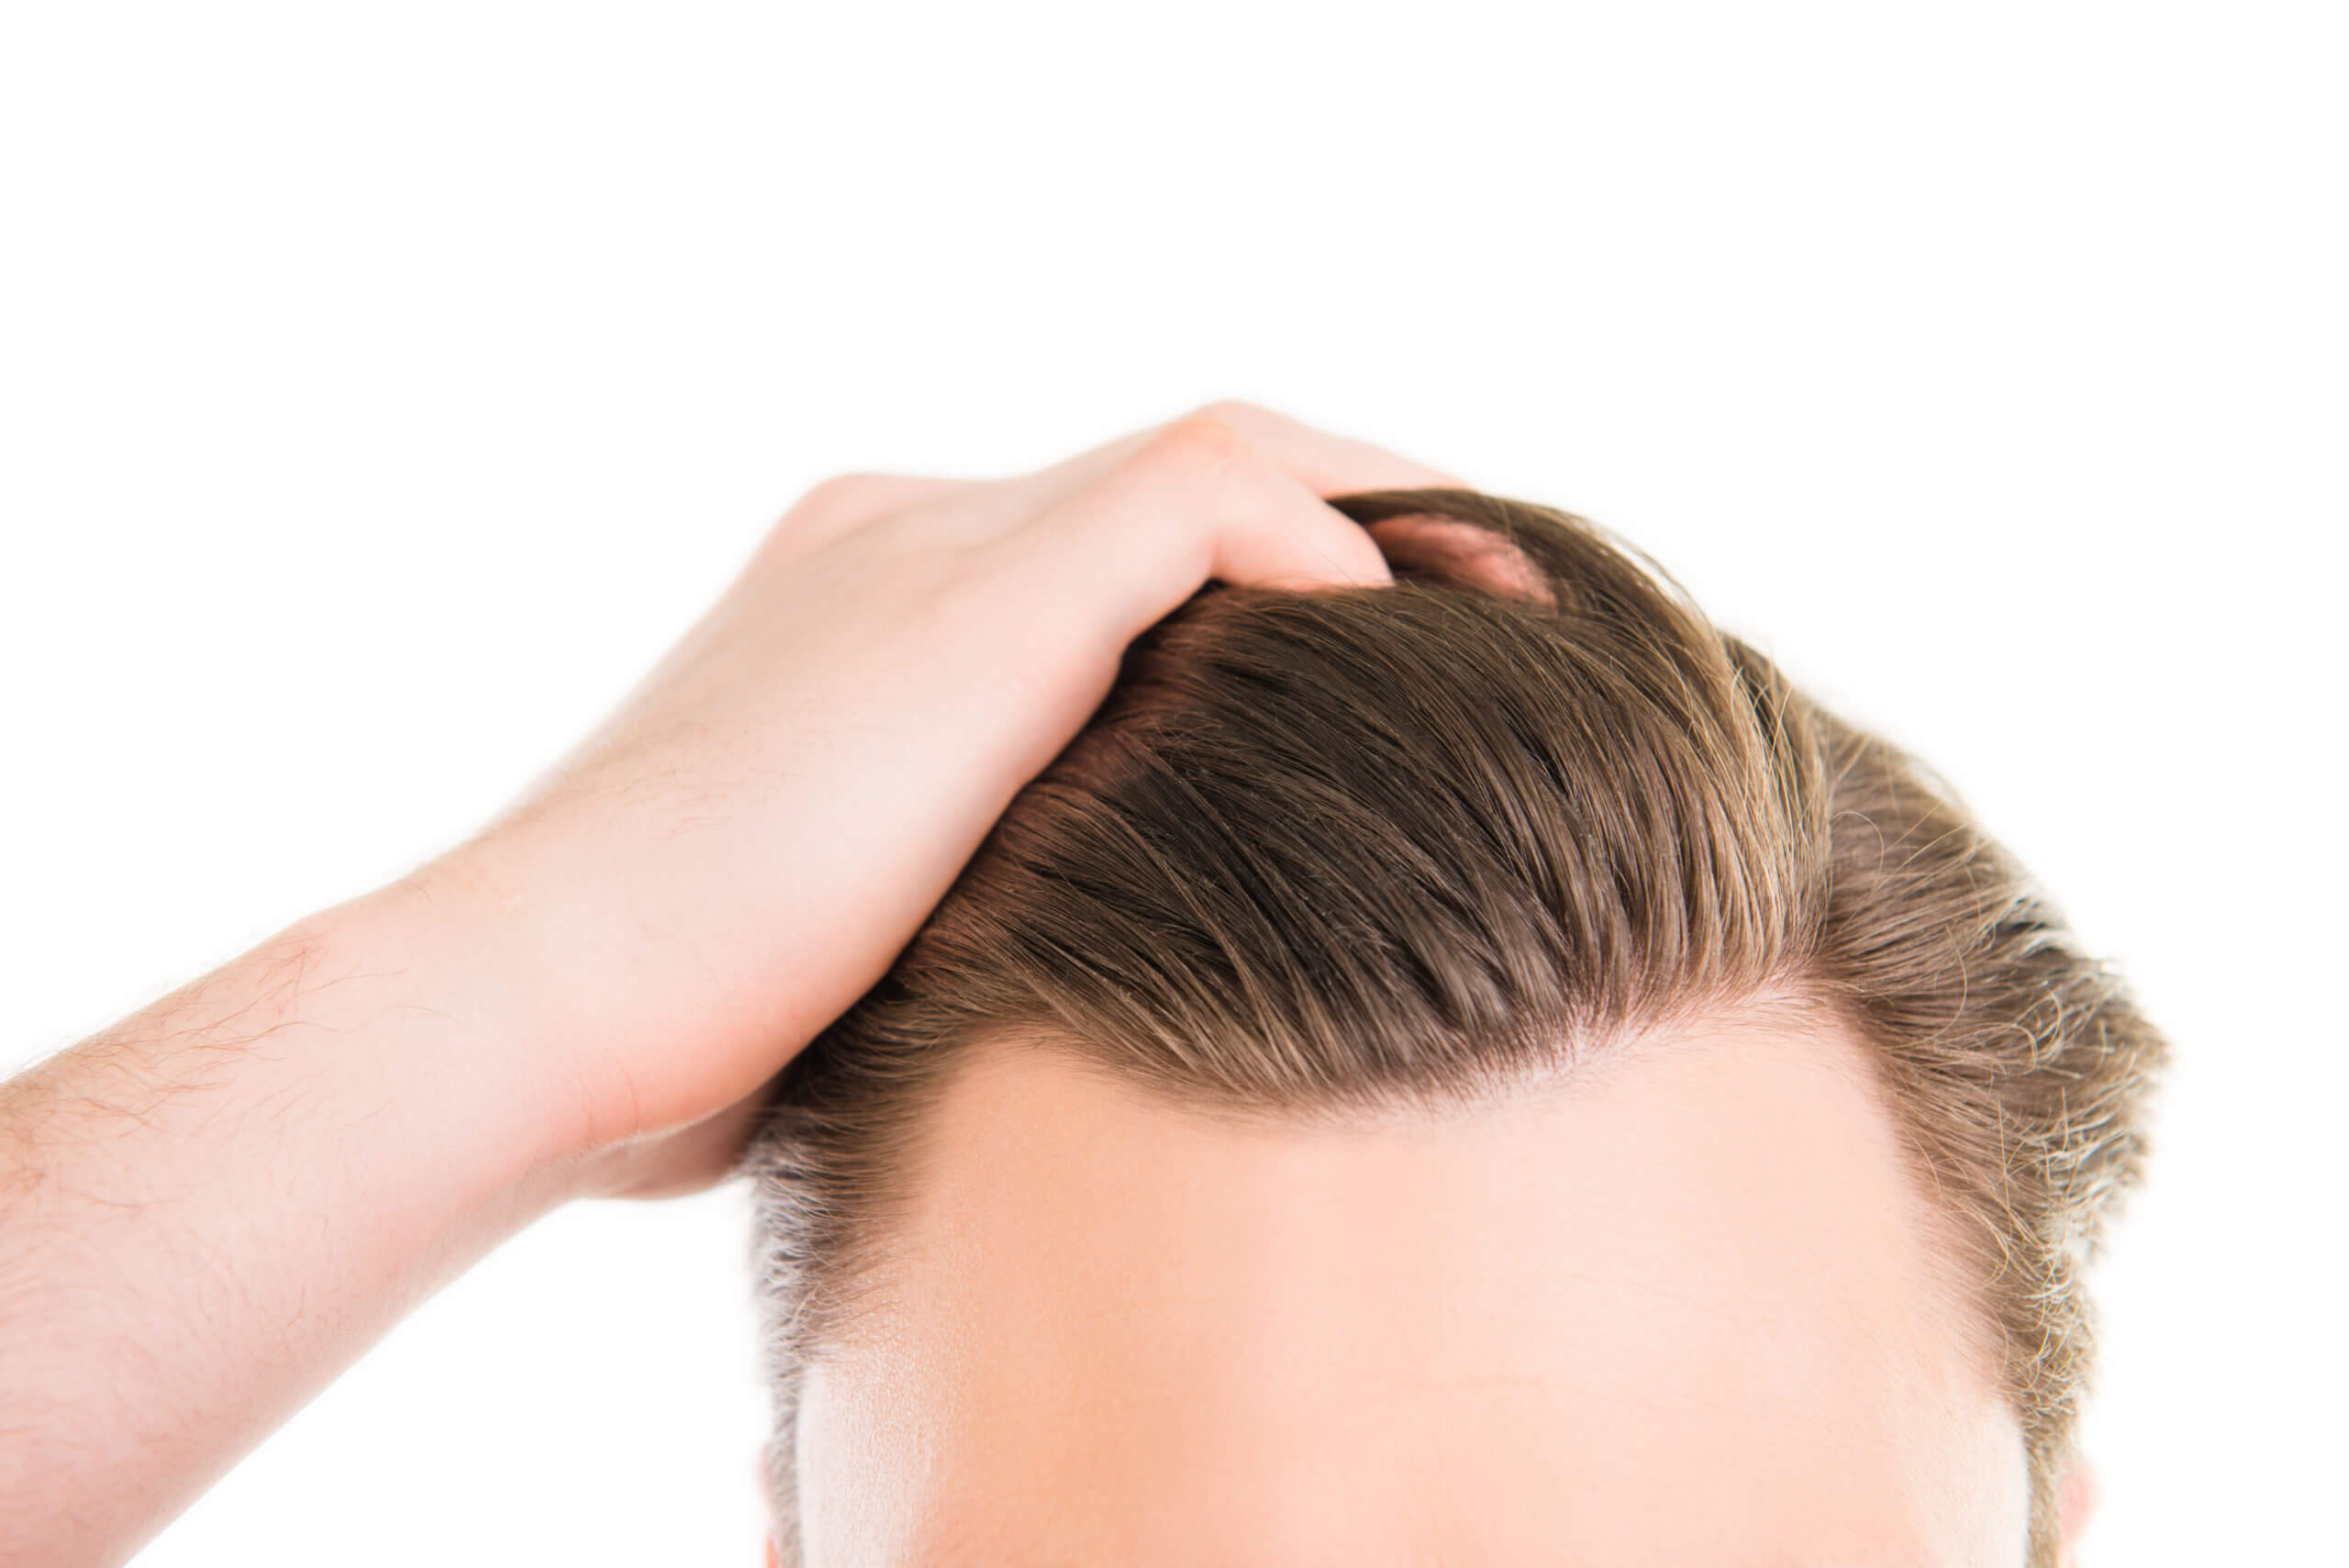 La greffe de cheveux est-elle permanente - zty health Istanbul